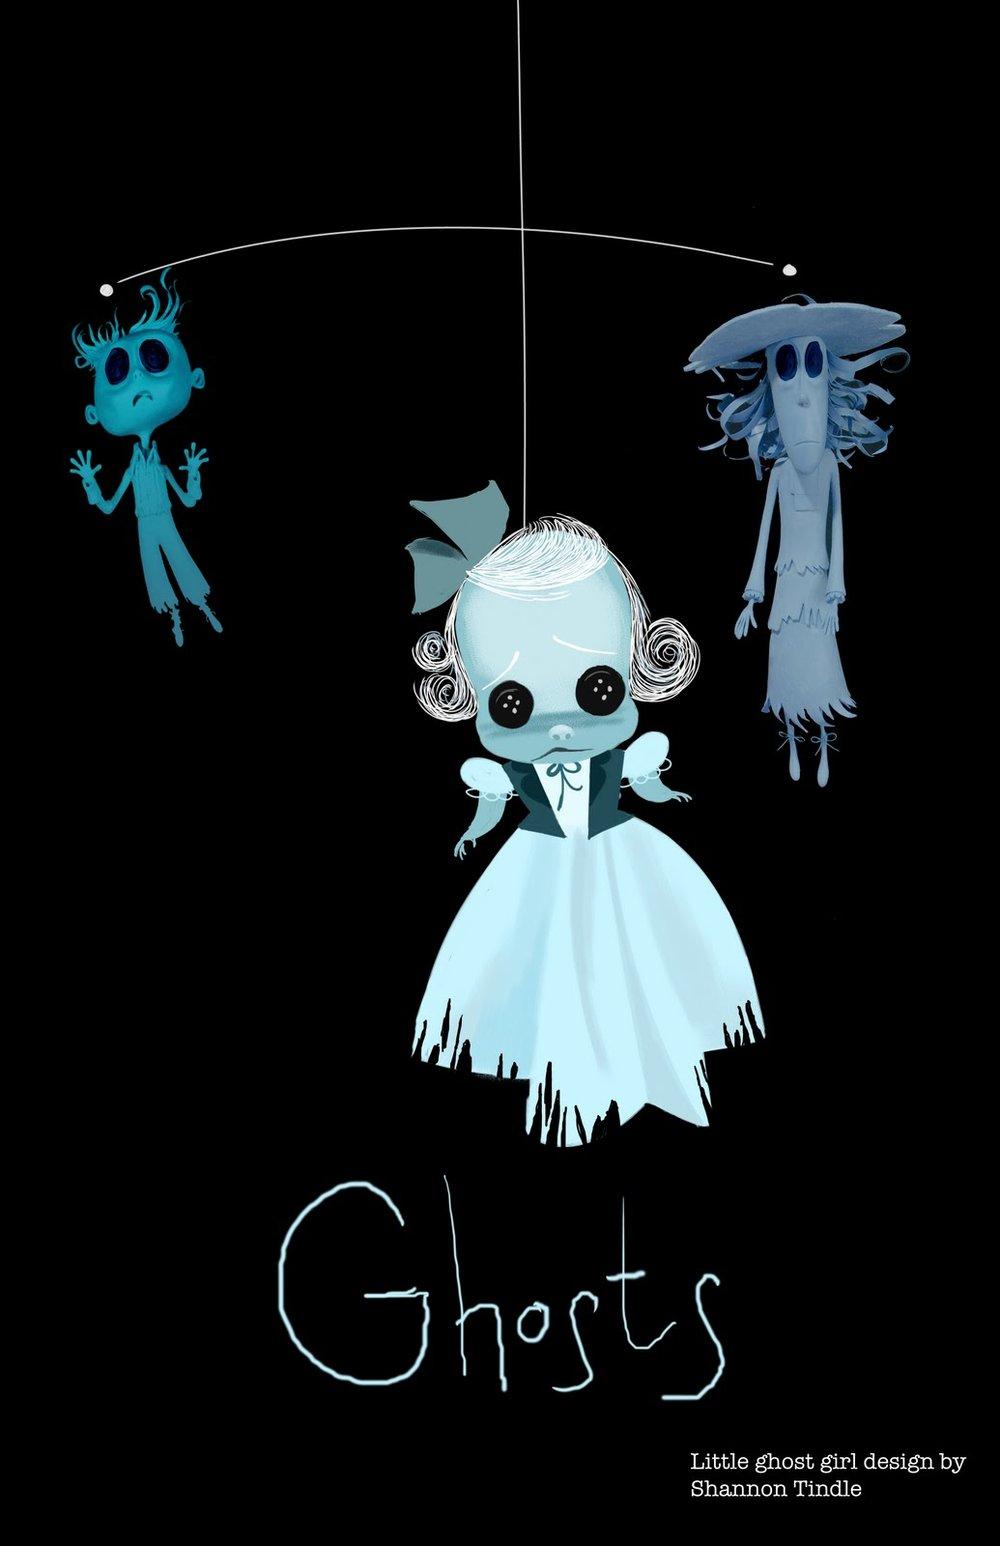 coraline-concept-art-character-design-200937.jpg